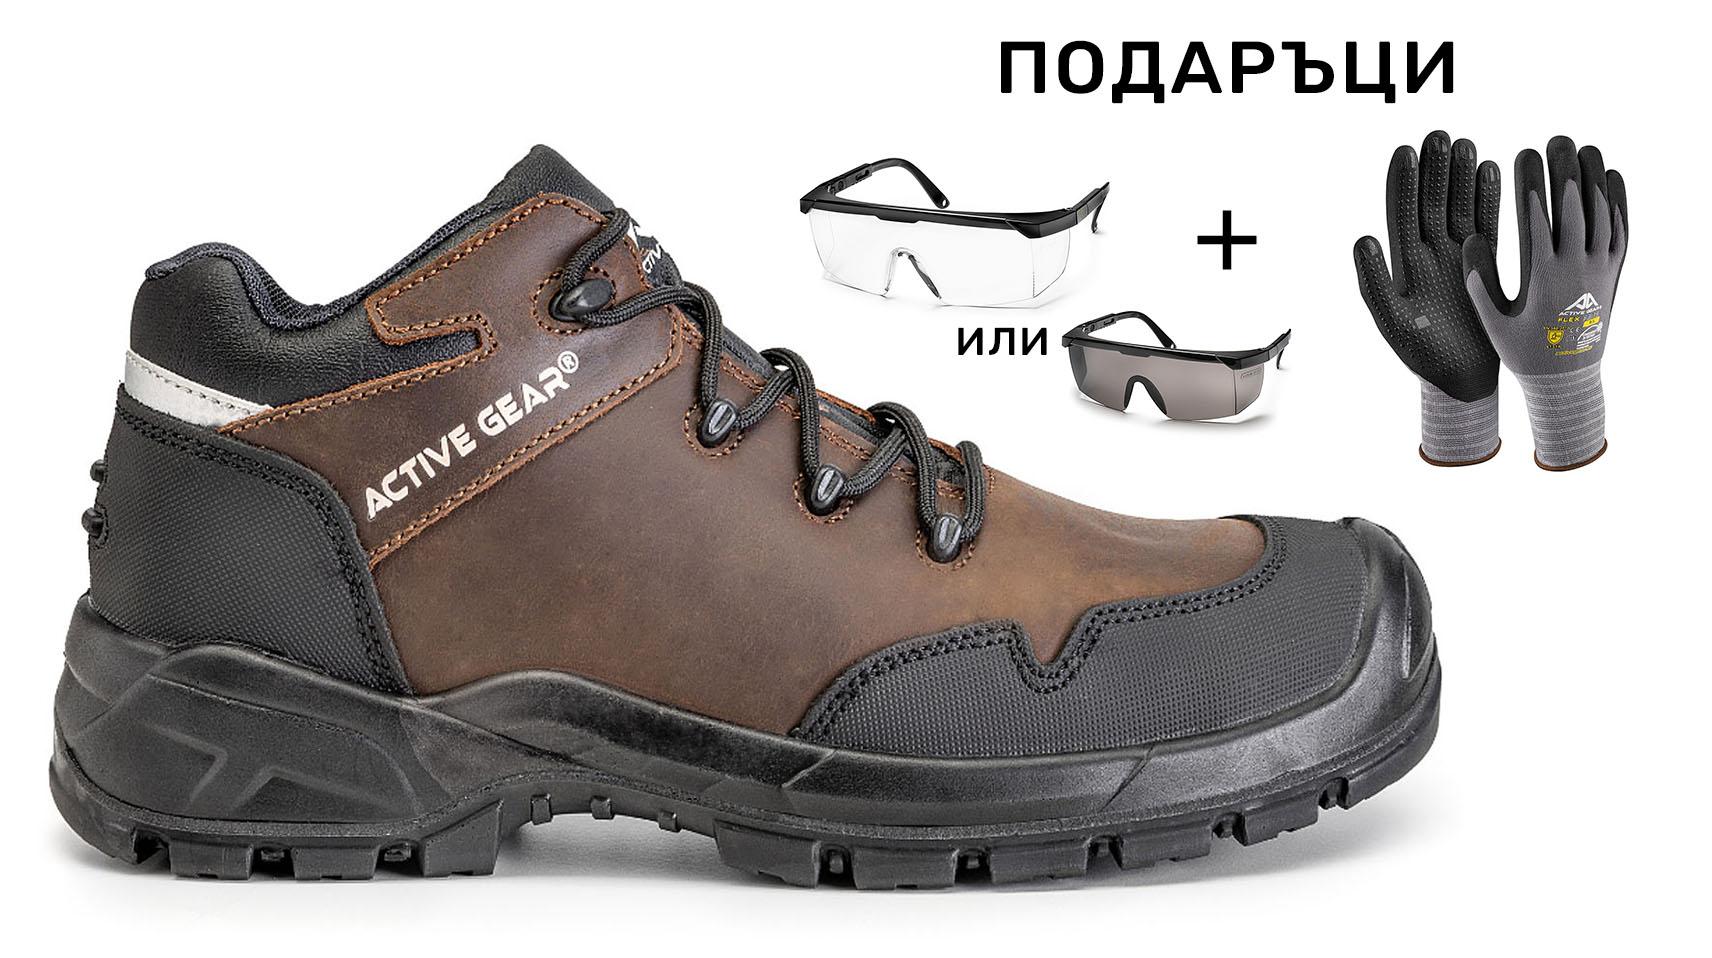 Работни обувки Active Gear A-FORCE Low - S3 SRC